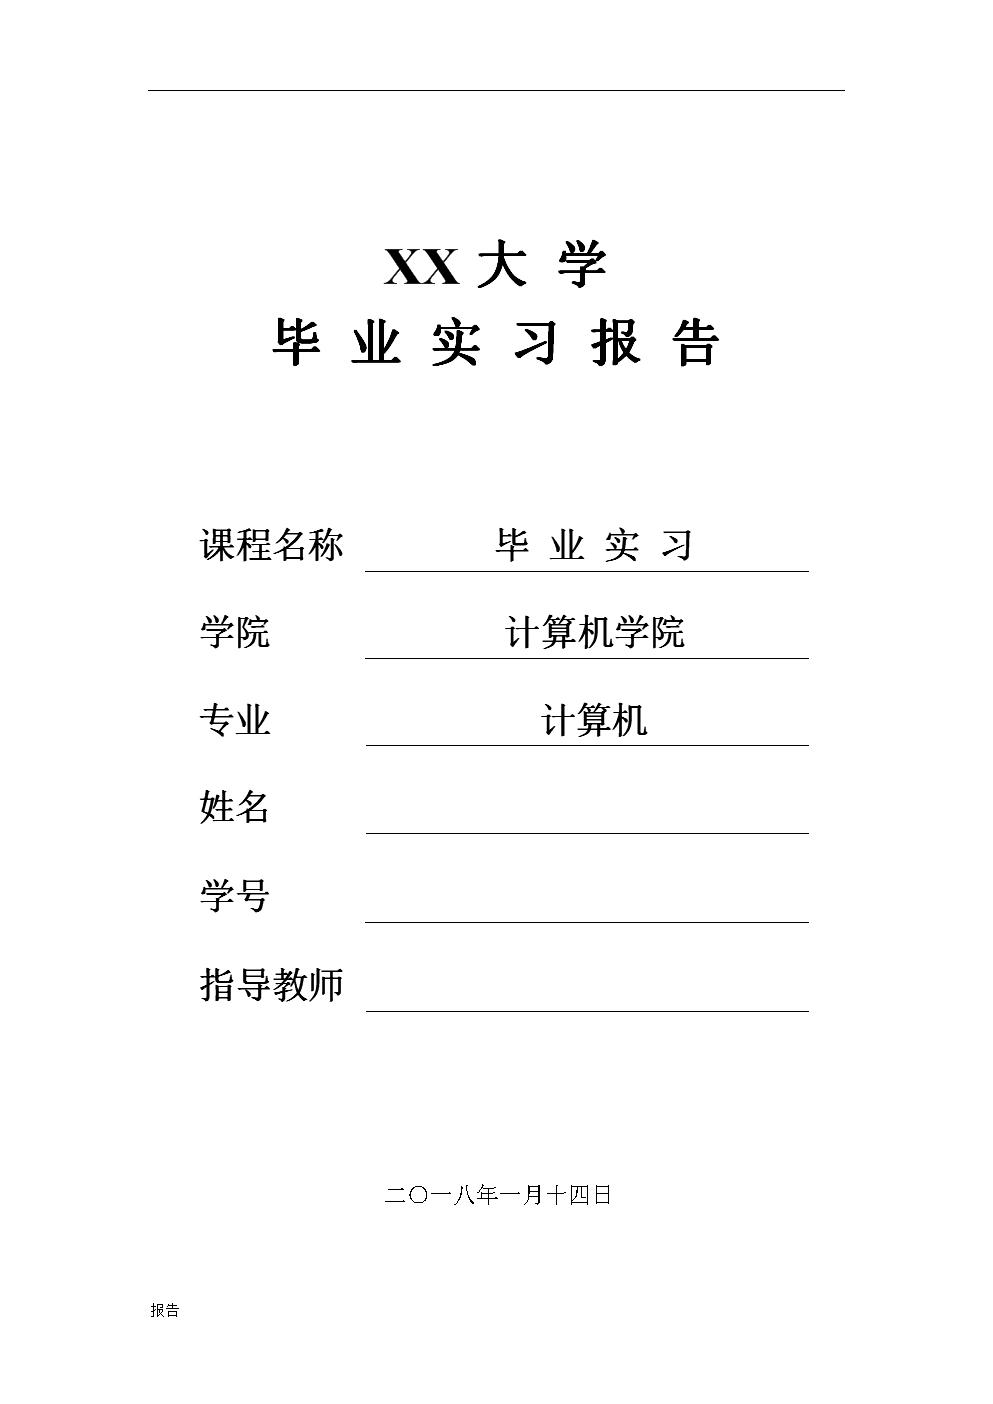 计算机专业毕业实习分析报告.doc